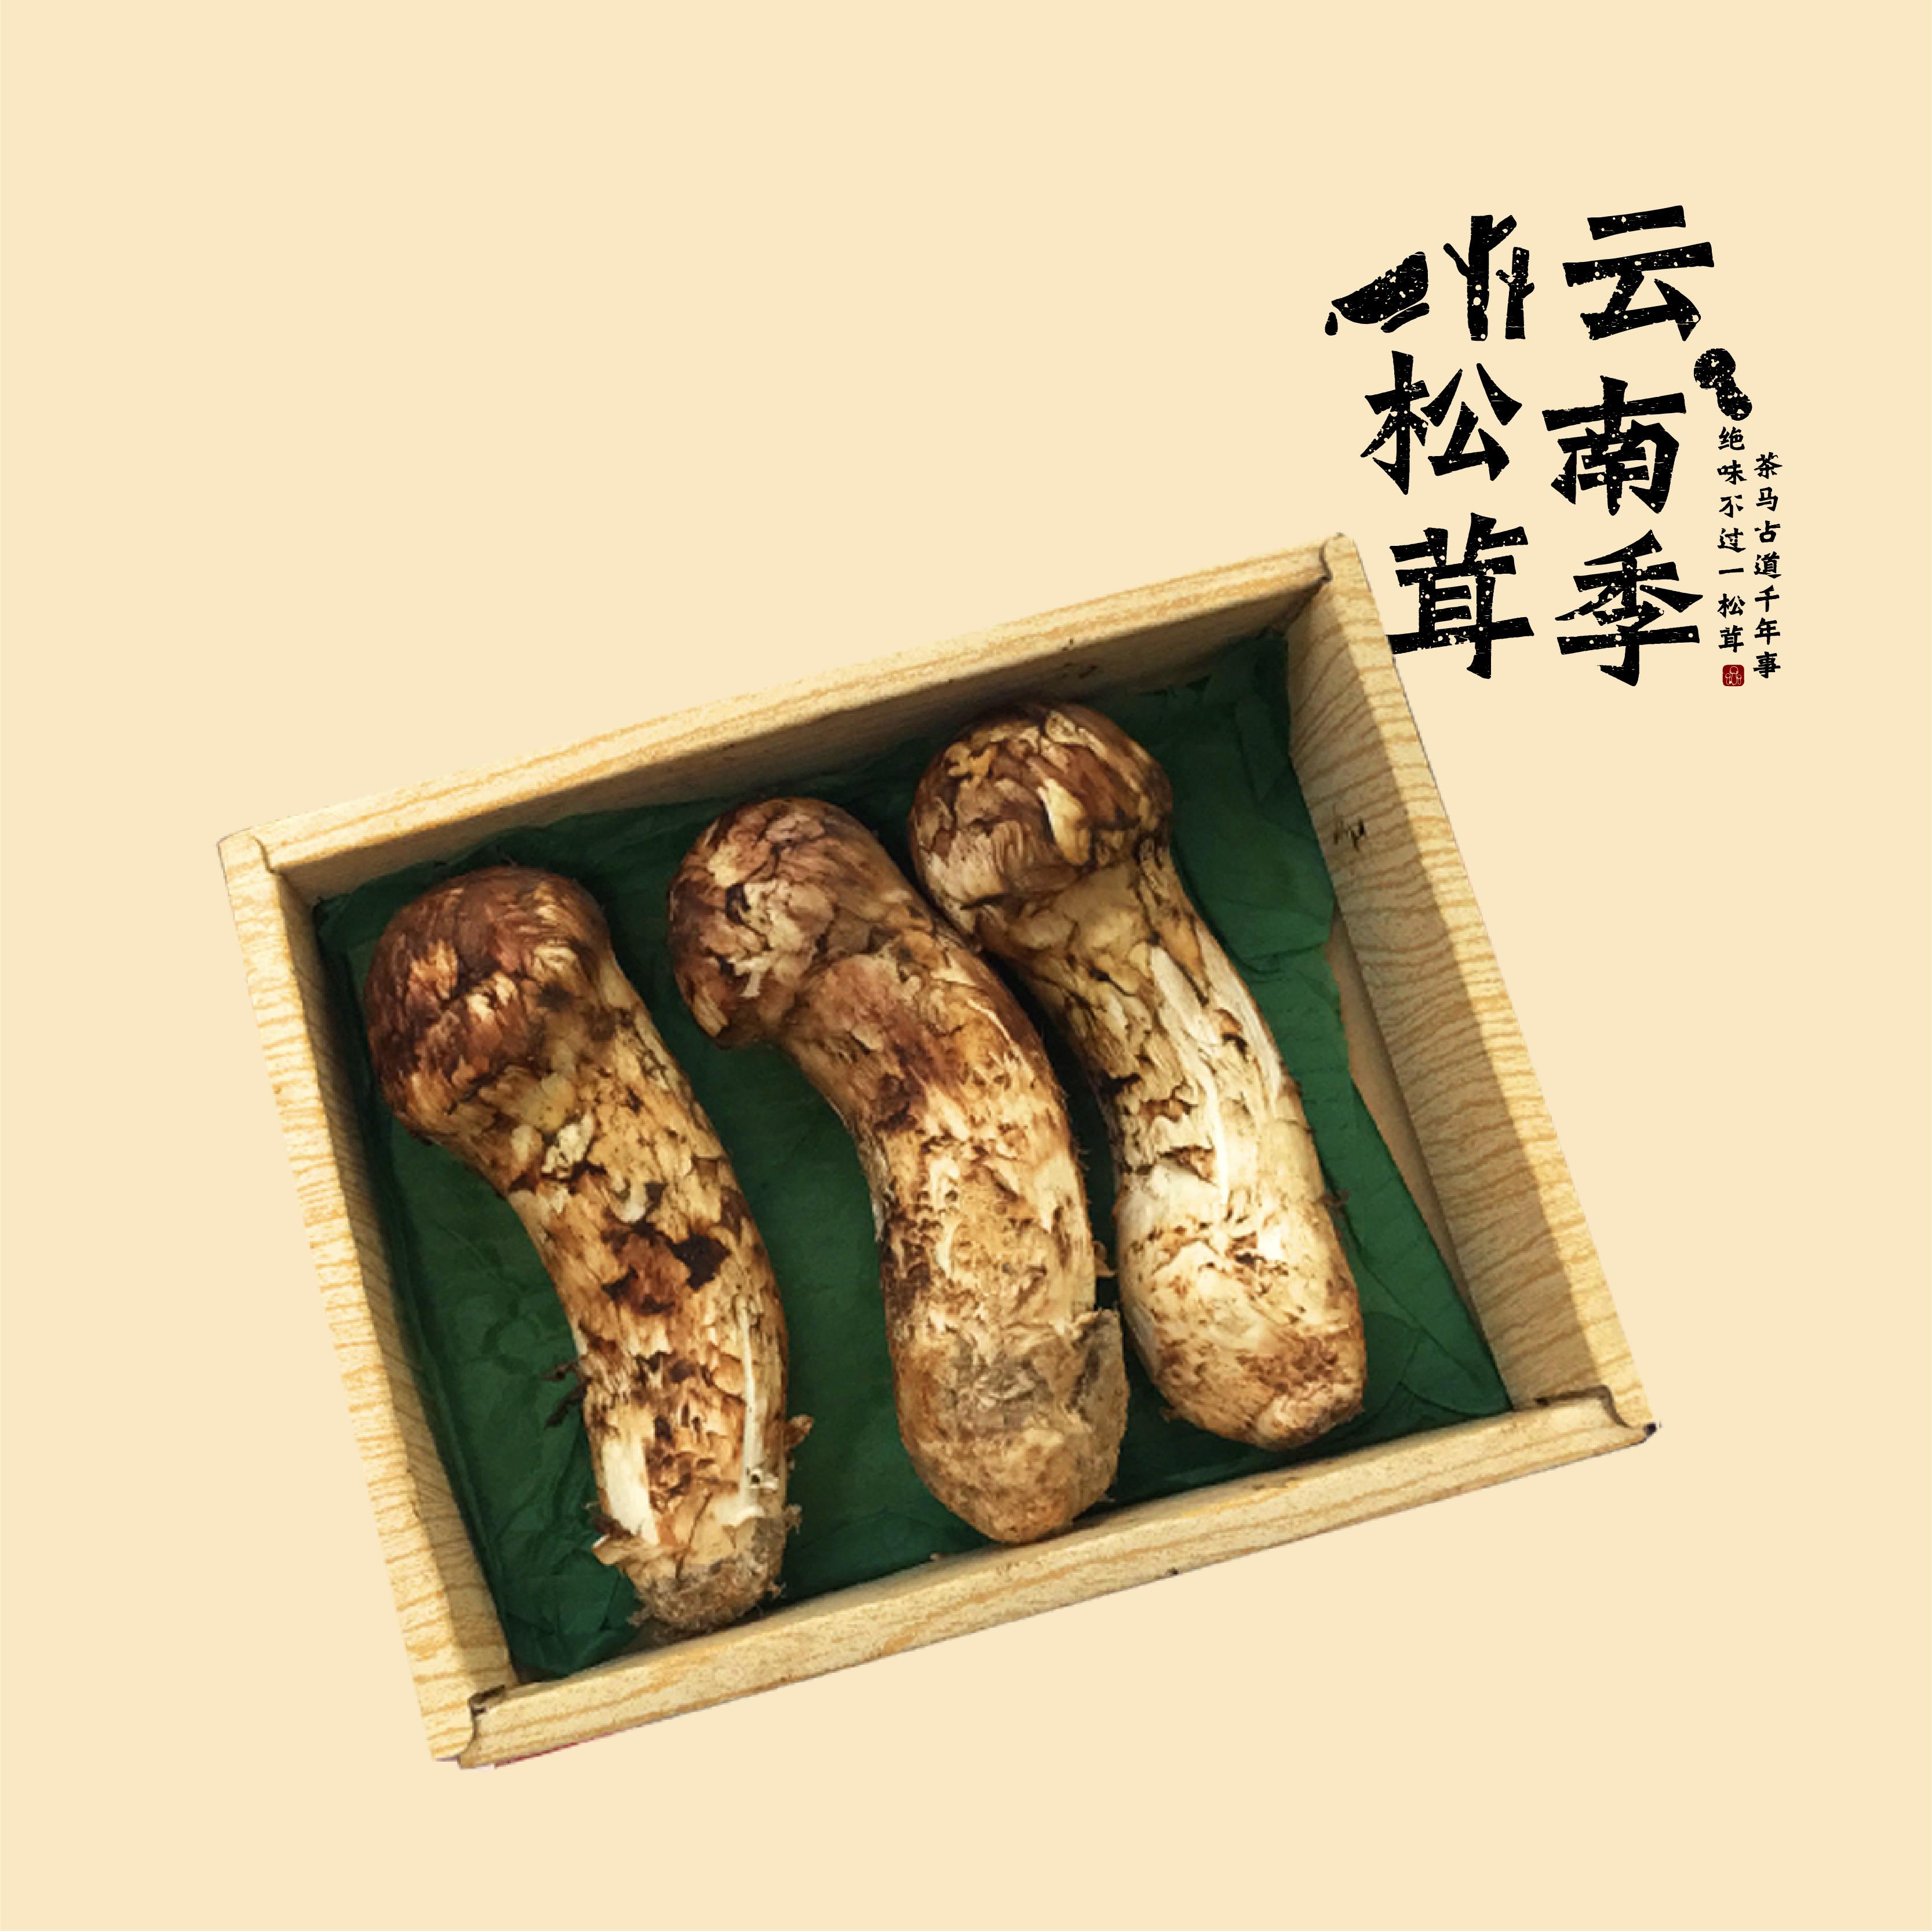 极品-森林之王(12-15cm)